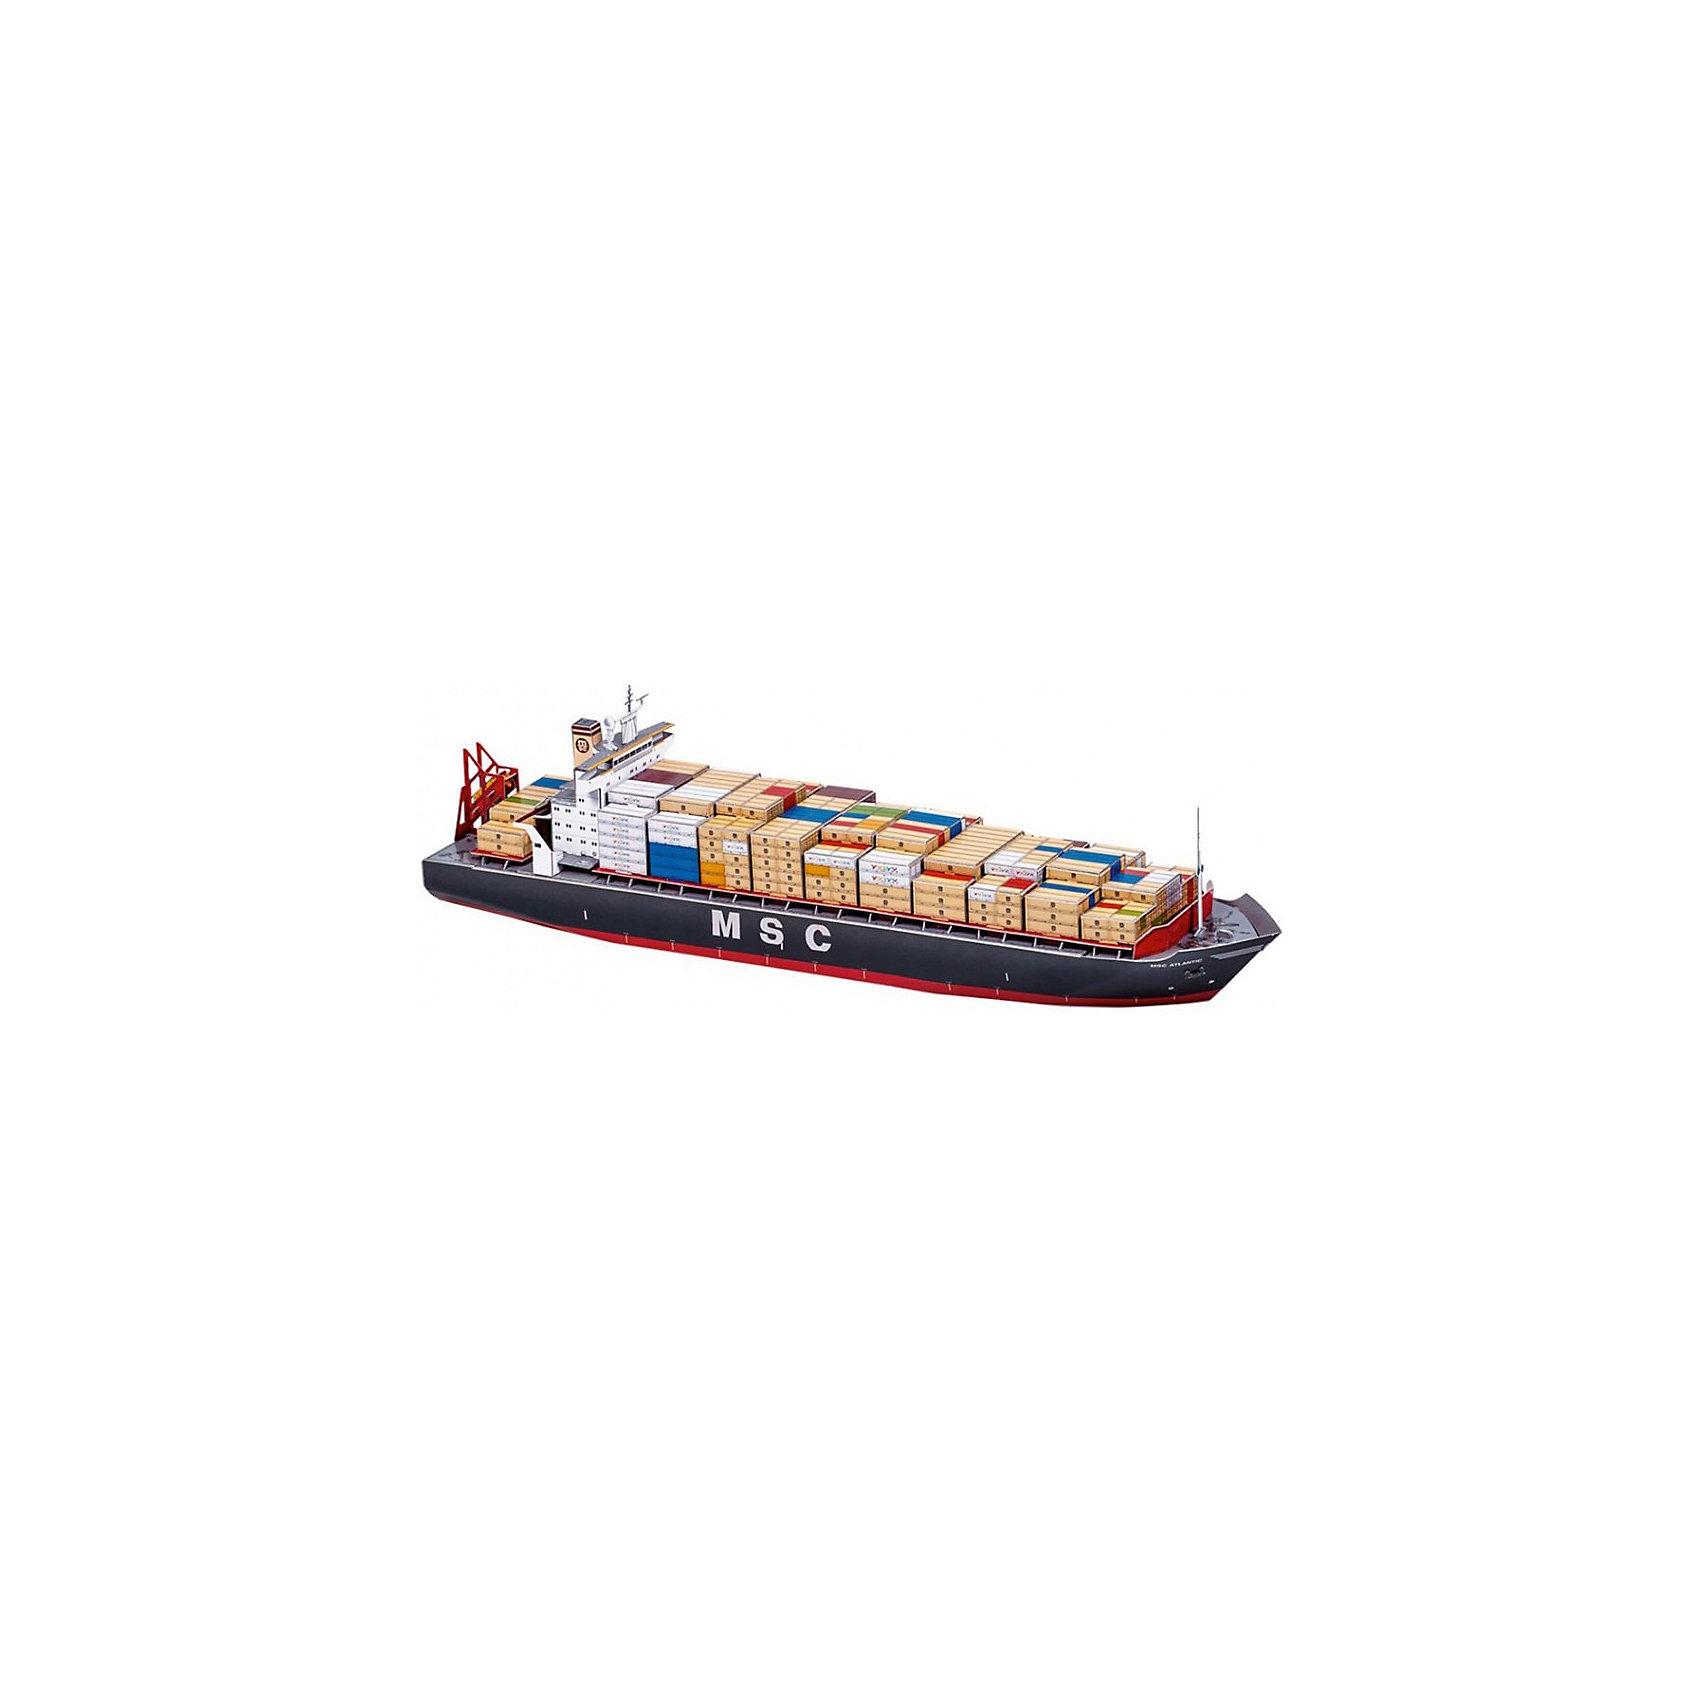 Сборная модель Контейнеровоз MCS АтлантикБумажные модели<br>Контейнеровоз MSC Атлантик - Сборная модель из картона. Количество деталей, шт: 99. Размер в собранном виде, см: 45 x 10 x 12. Размер упаковки, мм.:  высота 220 ширина 500 глубина 25. Тип упаковки: Картонная коробка. Вес, гр.: 555. Возраст: от 9 лет. Все модели и игрушки, созданные по технологии УМНАЯ БУМАГА собираются без ножниц и клея, что является их неповторимой особенностью.<br>Принцип соединения деталей запатентован. Соединения деталей продуманы и просчитаны с такой точностью, что при правильной сборке с моделью можно играть, как с обычной игрушкой.<br><br>Ширина мм: 500<br>Глубина мм: 25<br>Высота мм: 220<br>Вес г: 555<br>Возраст от месяцев: 84<br>Возраст до месяцев: 2147483647<br>Пол: Унисекс<br>Возраст: Детский<br>SKU: 4807494